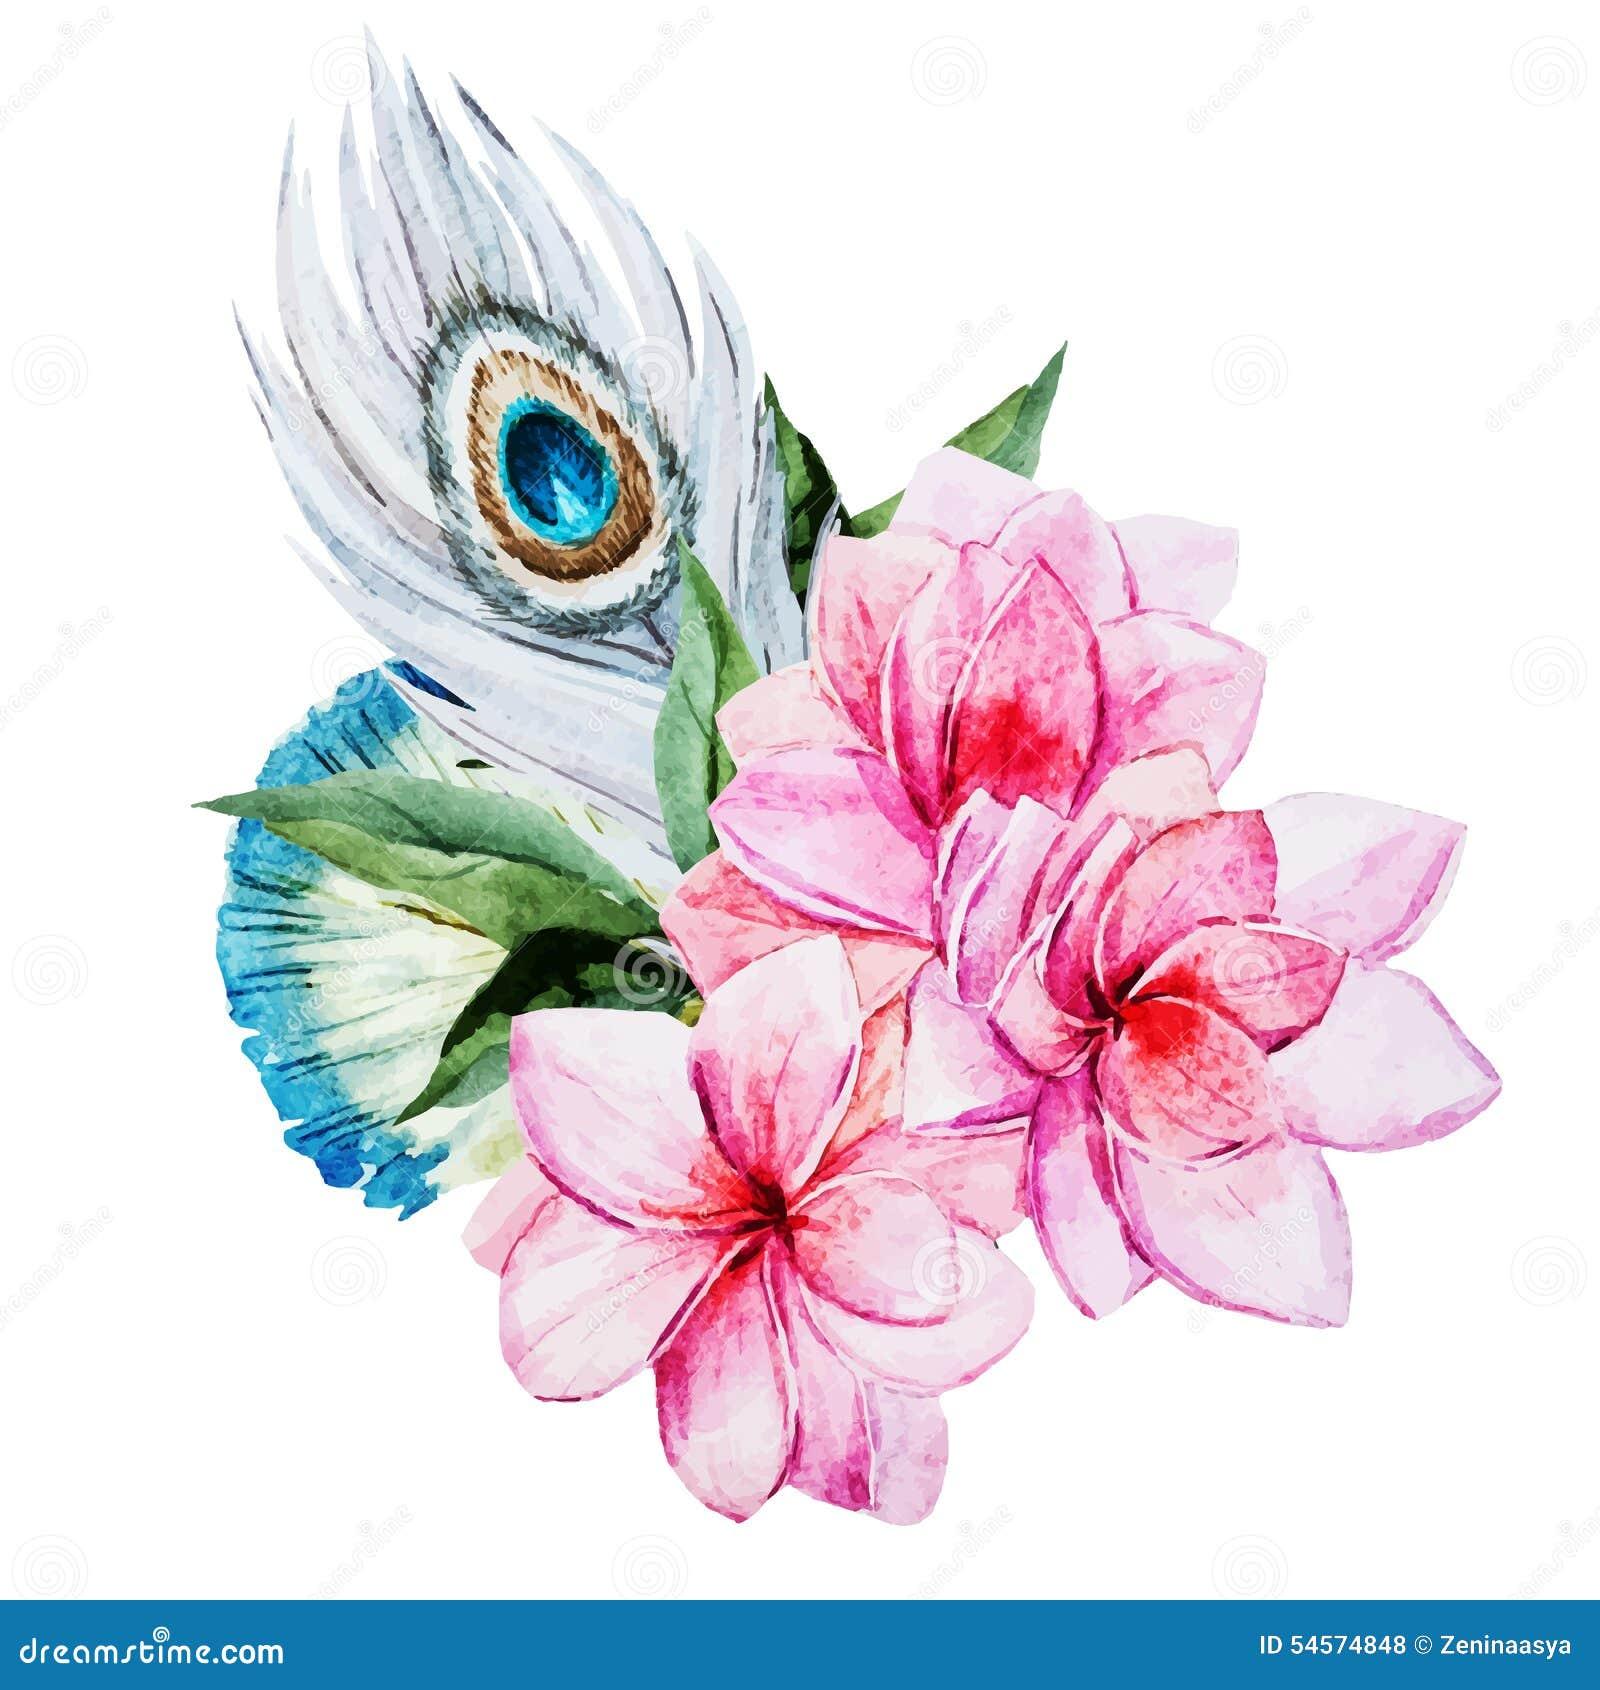 λουλούδια ι συντακτών watercolor εικόνων ζωγραφικής